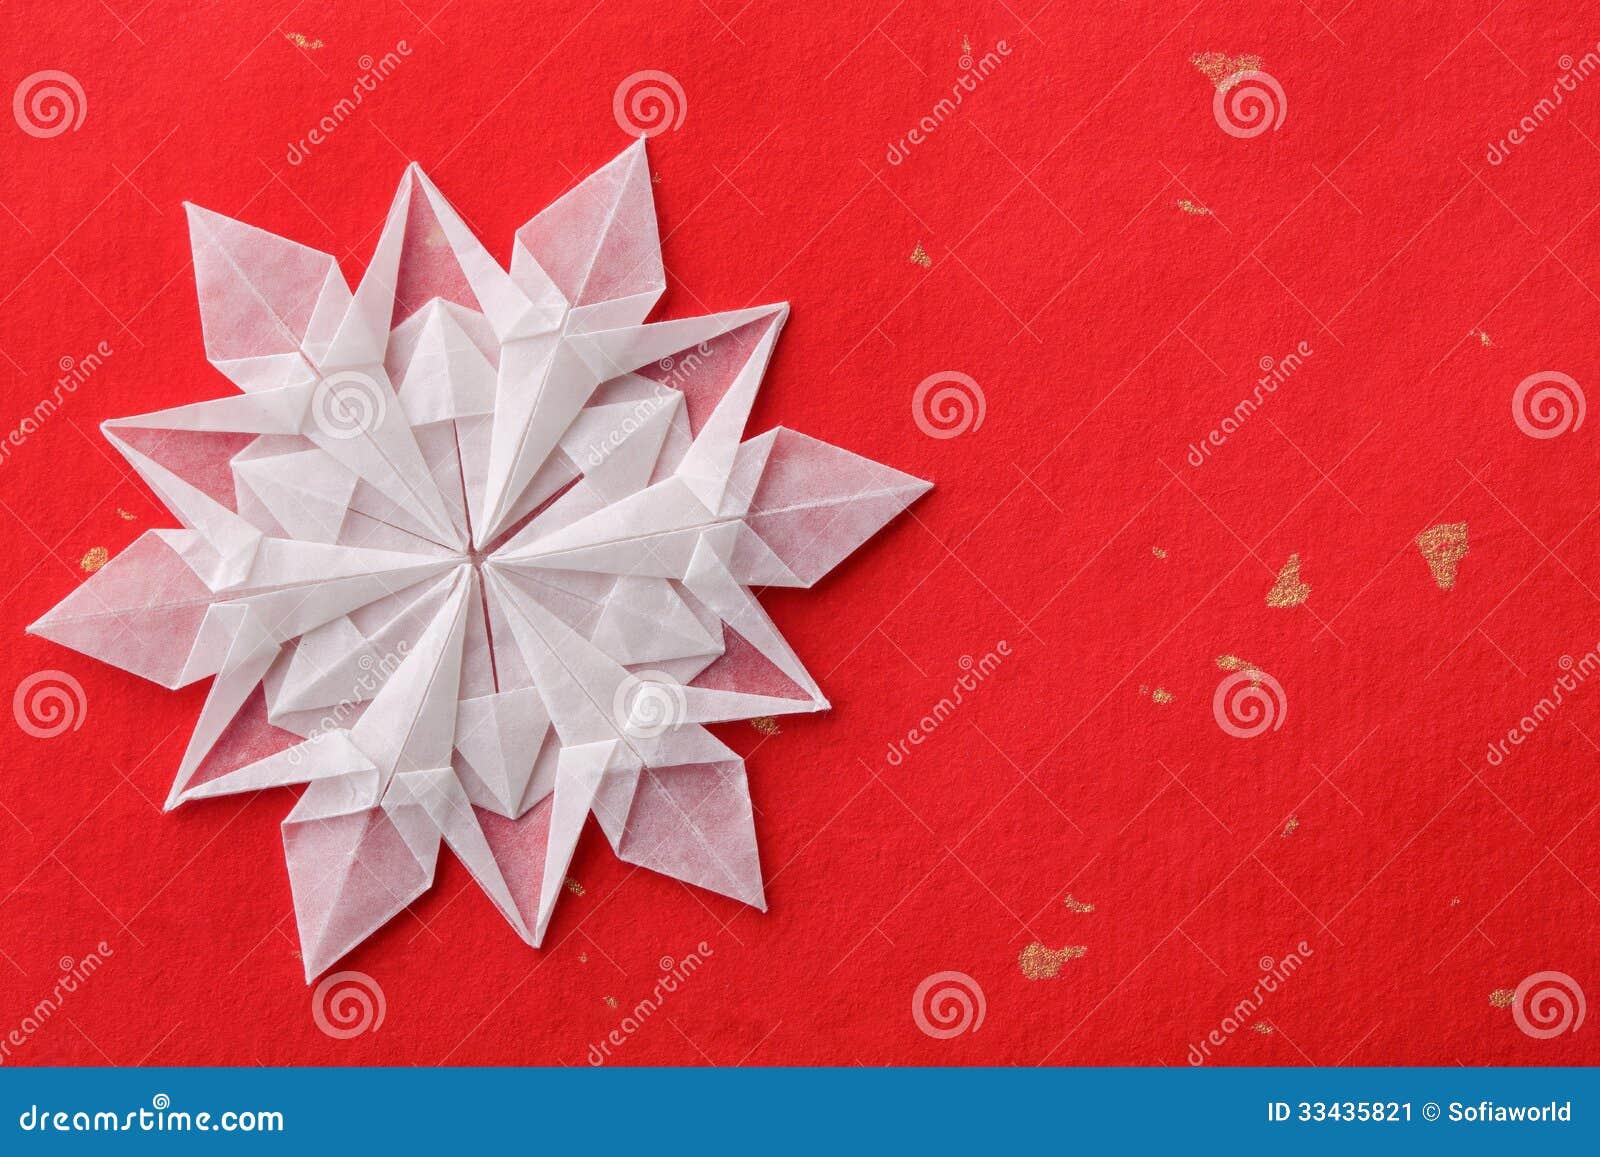 Fiocchi Di Neve Di Carta 3d : Carta d del fiocco di neve di natale immagine stock immagine di